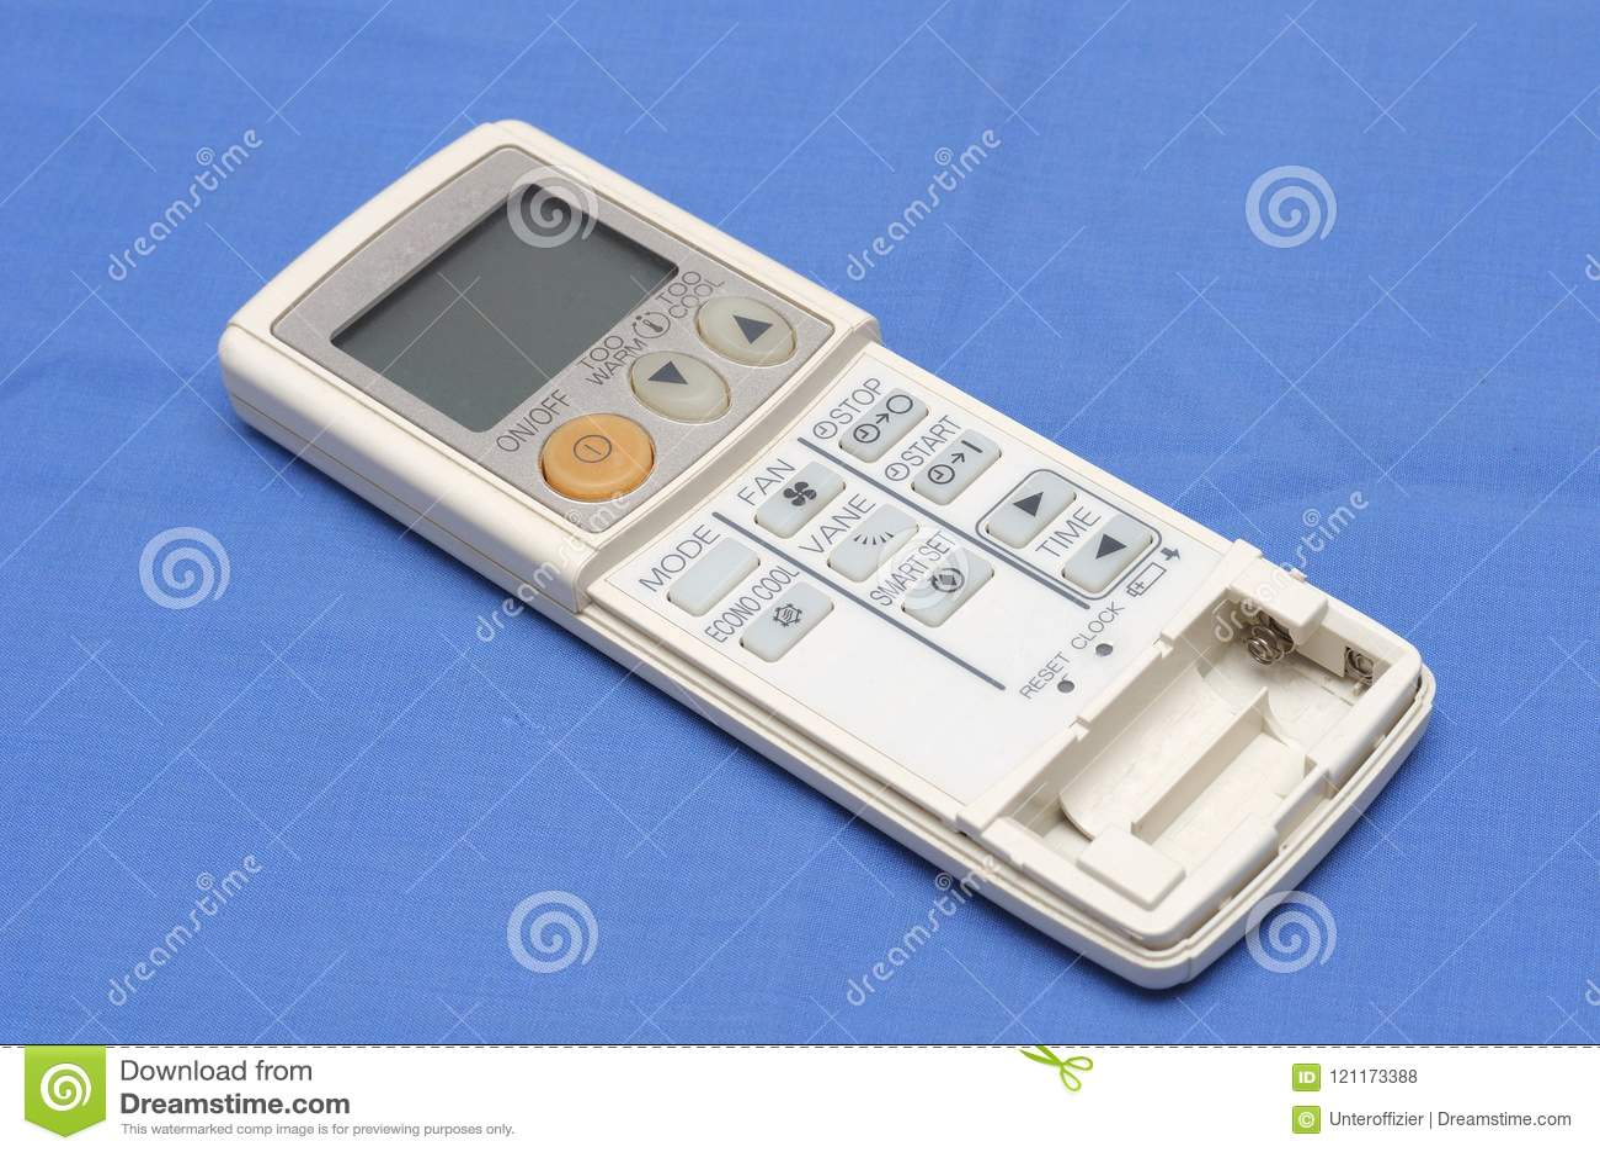 Een hand - gehouden verre controlemechanismeconsole voor airconditioningseenheden